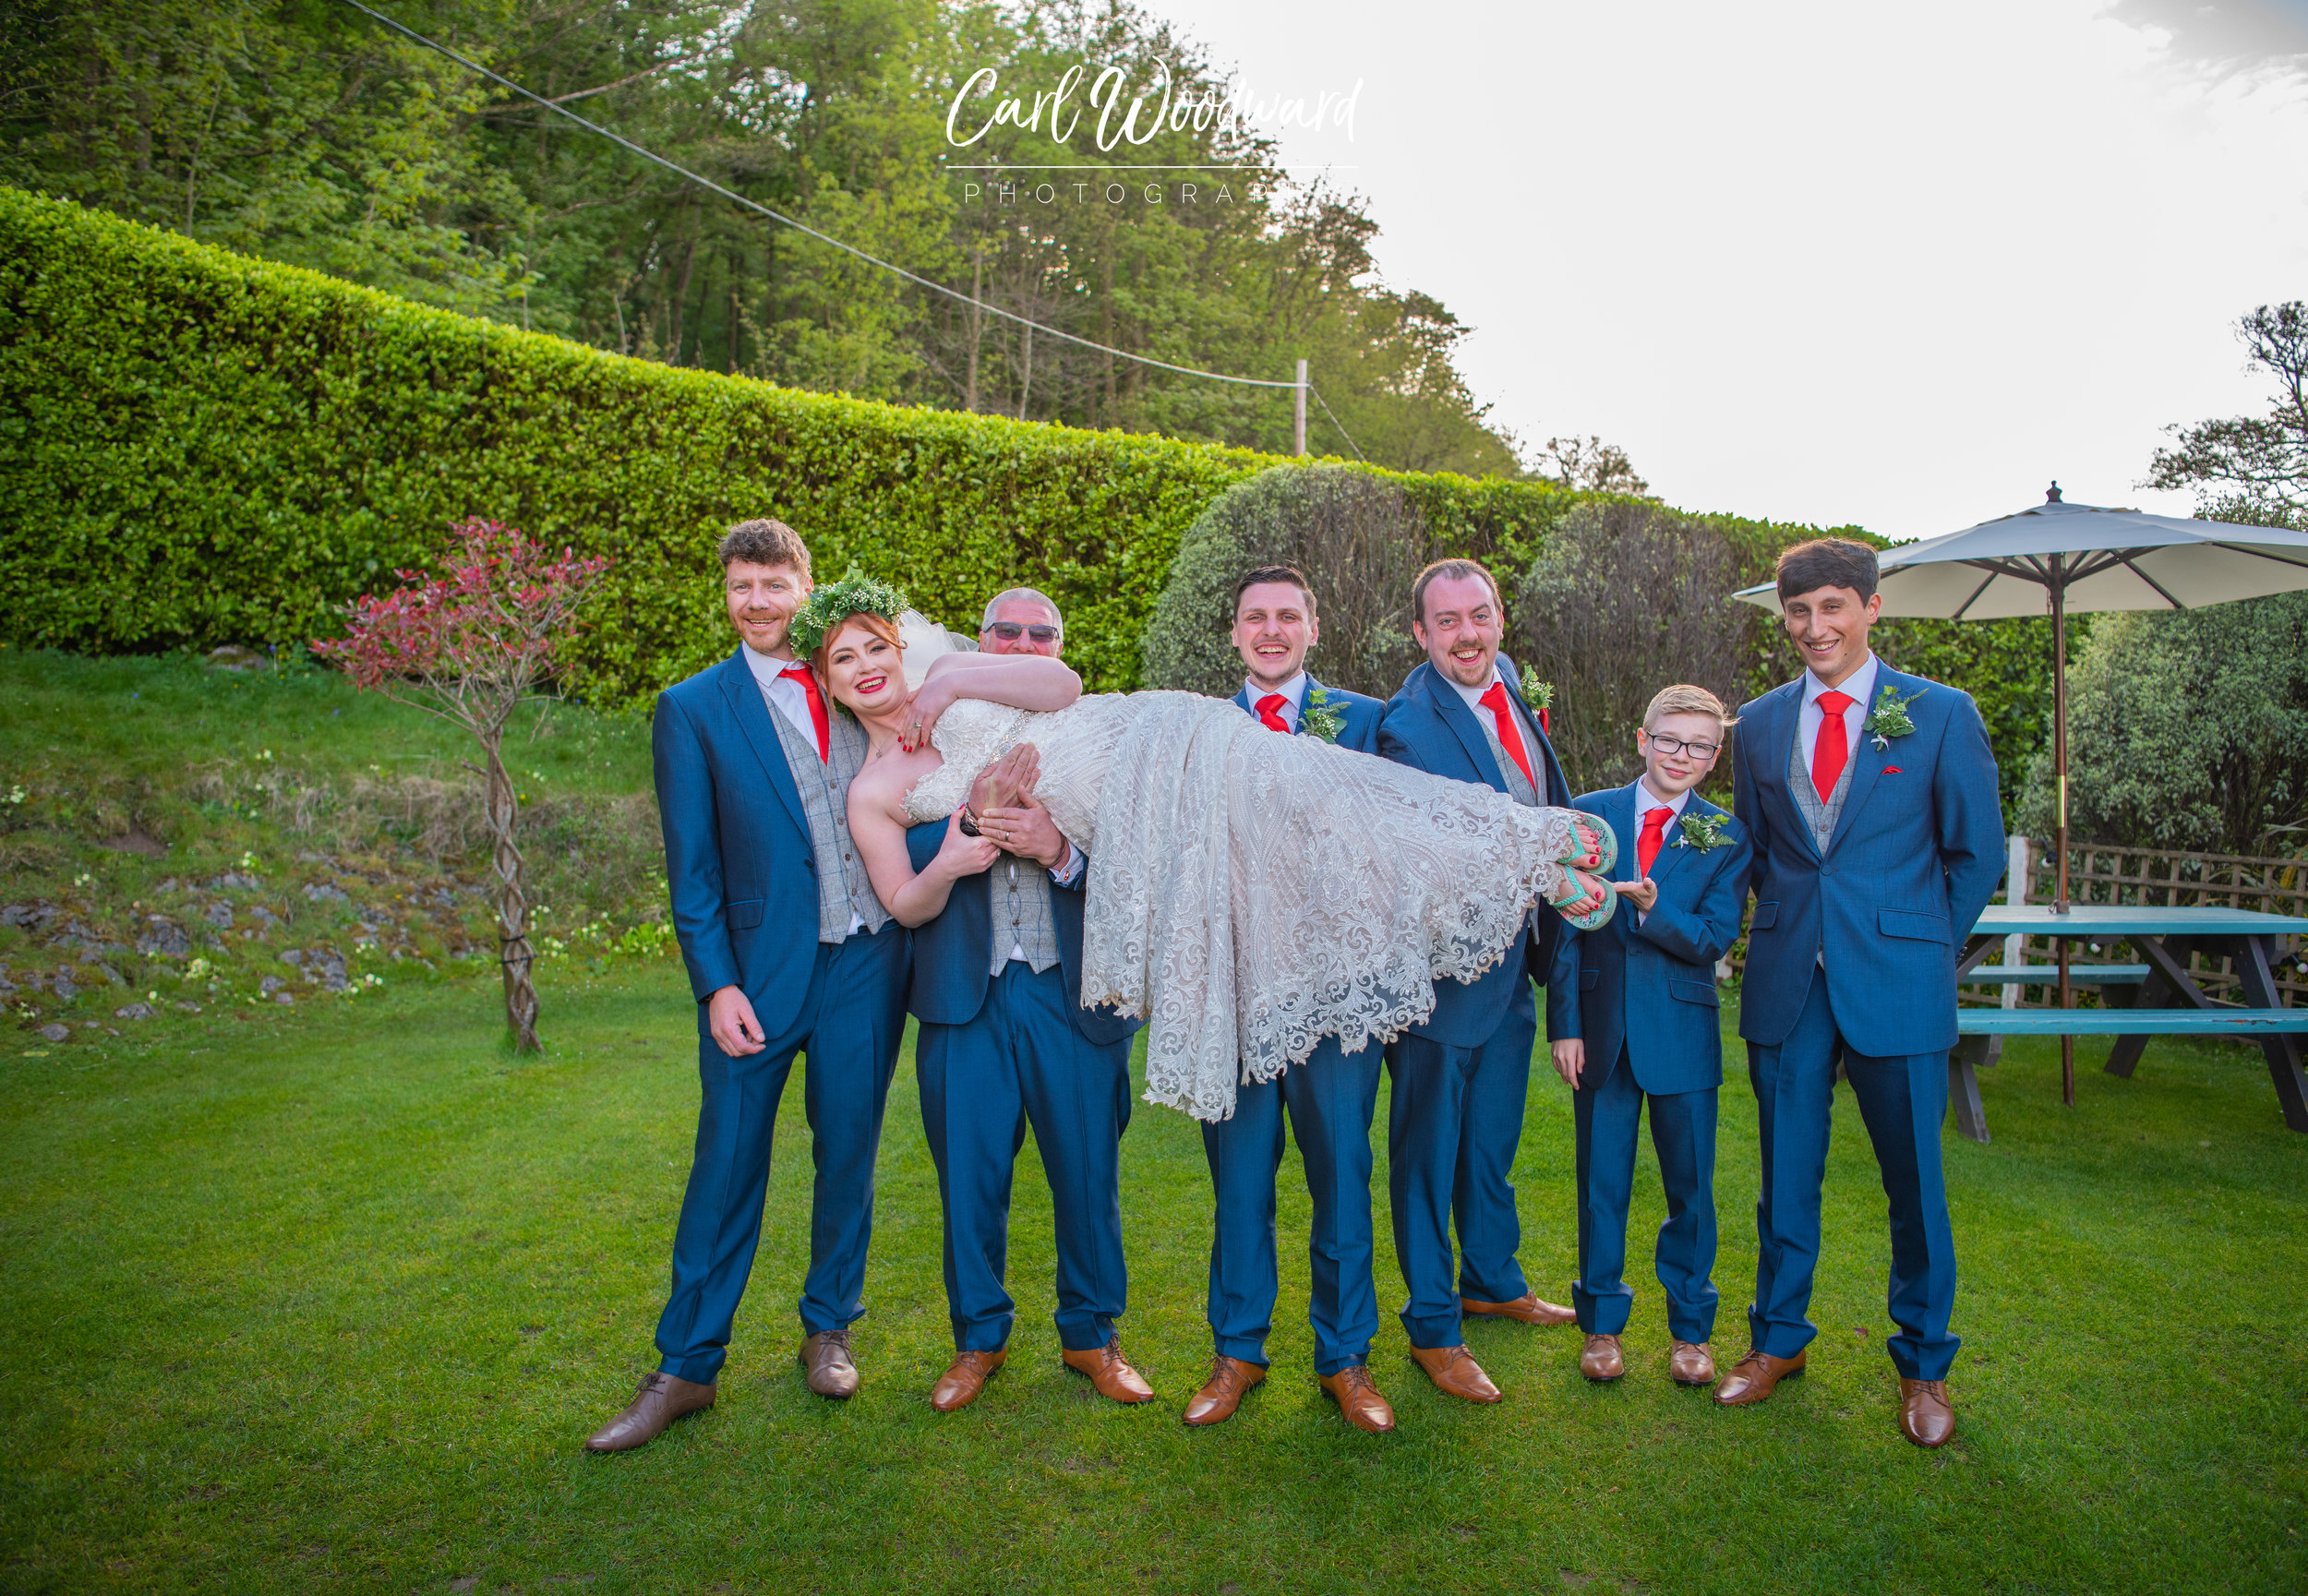 017-Oxwich-Bay-Hotel-Weddings-Cardiff-Wedding-Photography.jpg